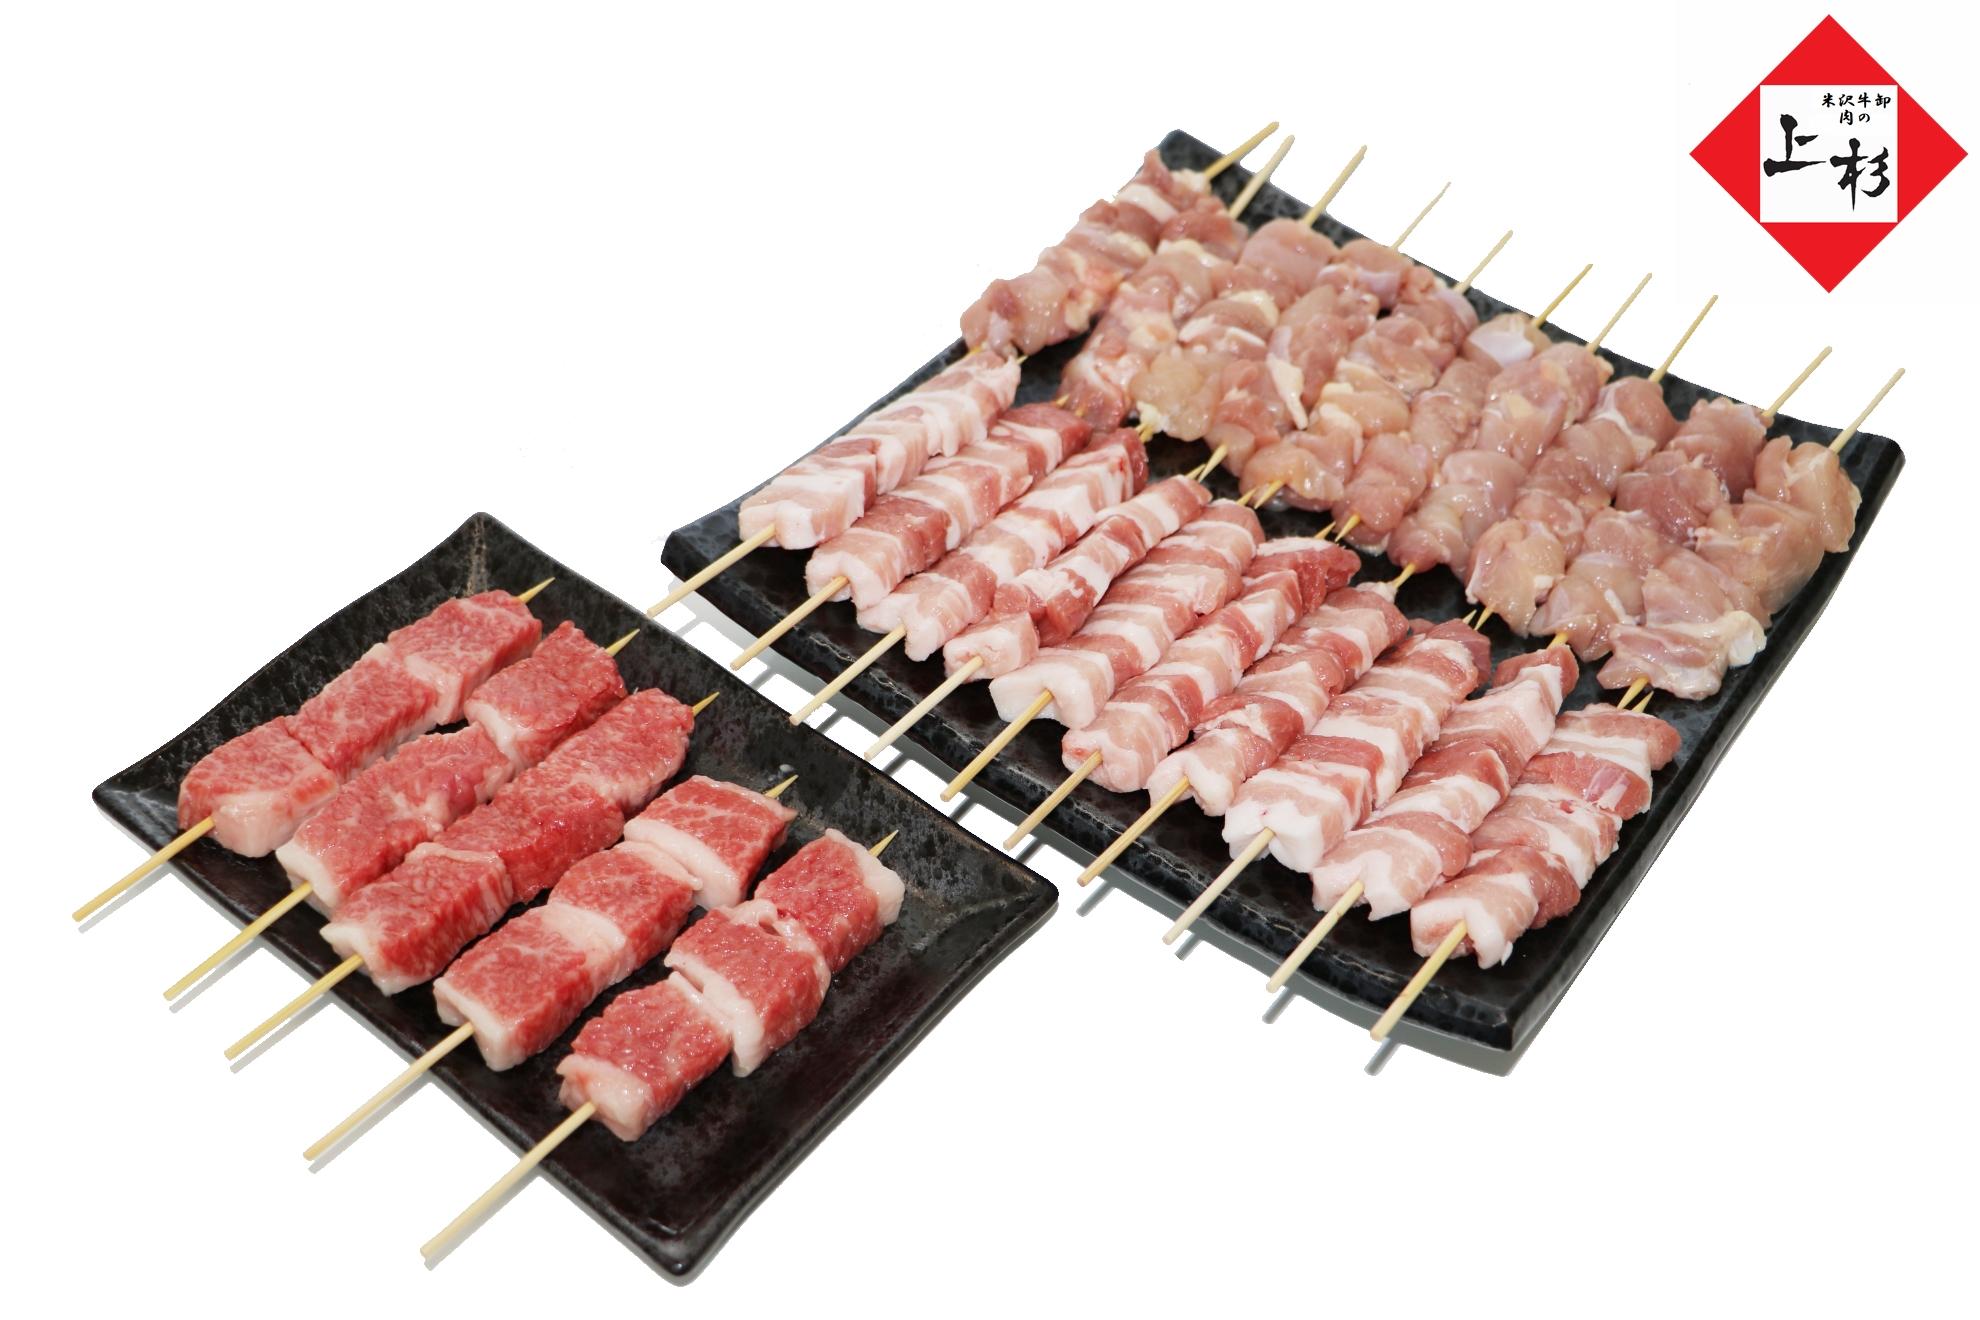 串焼き 盛合せ (山形県産) 25本、40本の2種類(米沢牛串、米澤豚一番育ちの豚串、山形さくらんぼ鶏の焼き鳥)画像